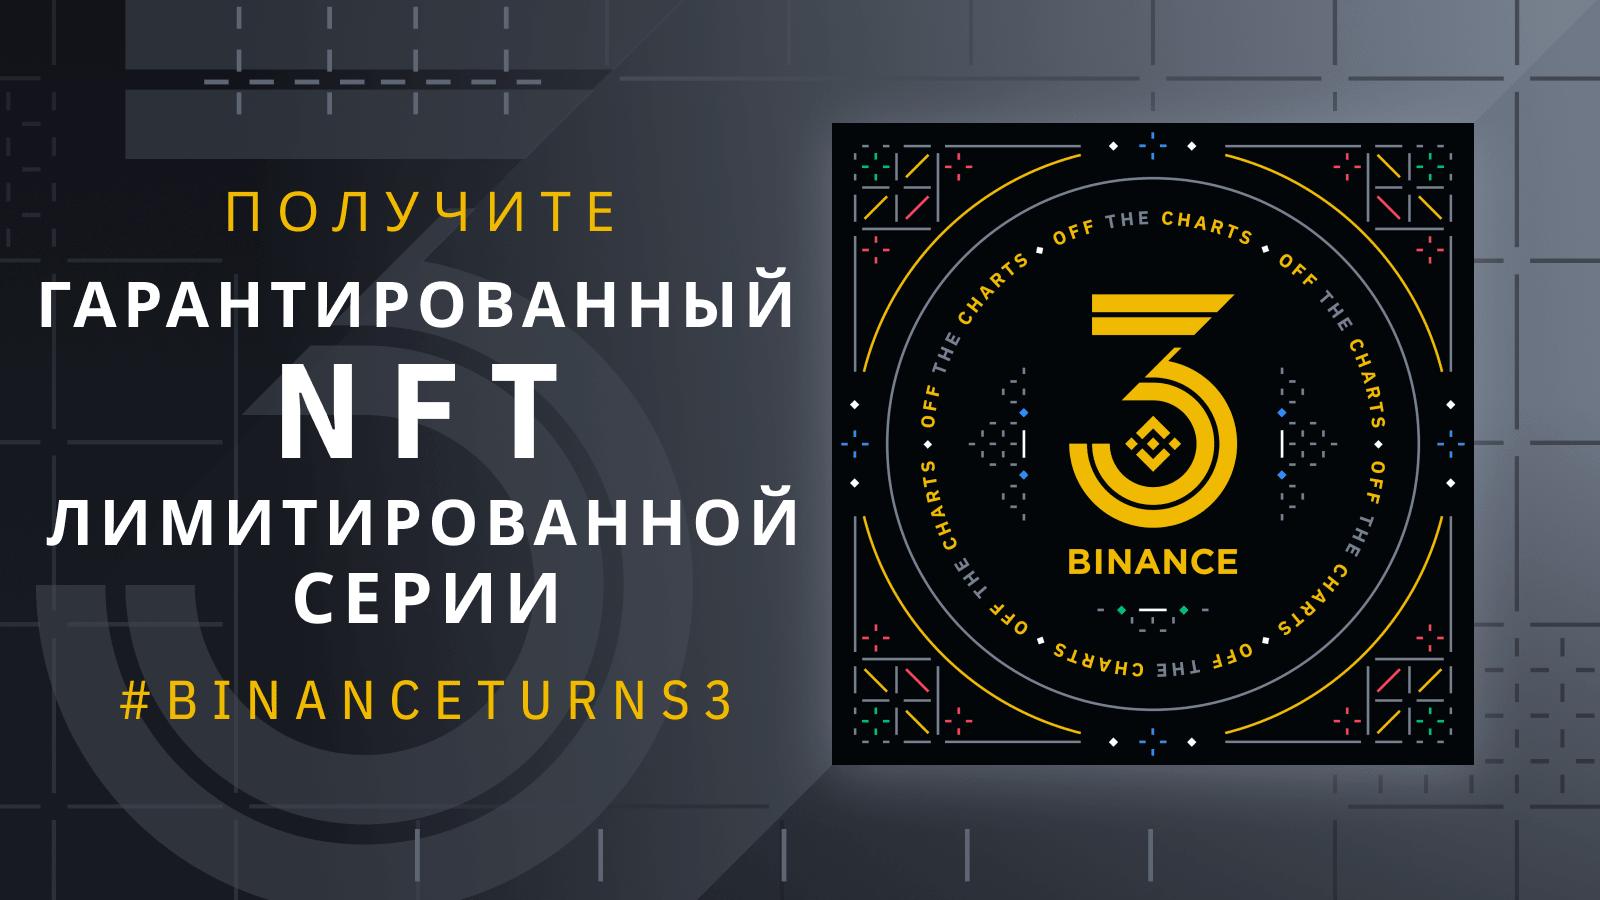 Коллекционные токены #BinanceTurns3 бесплатно